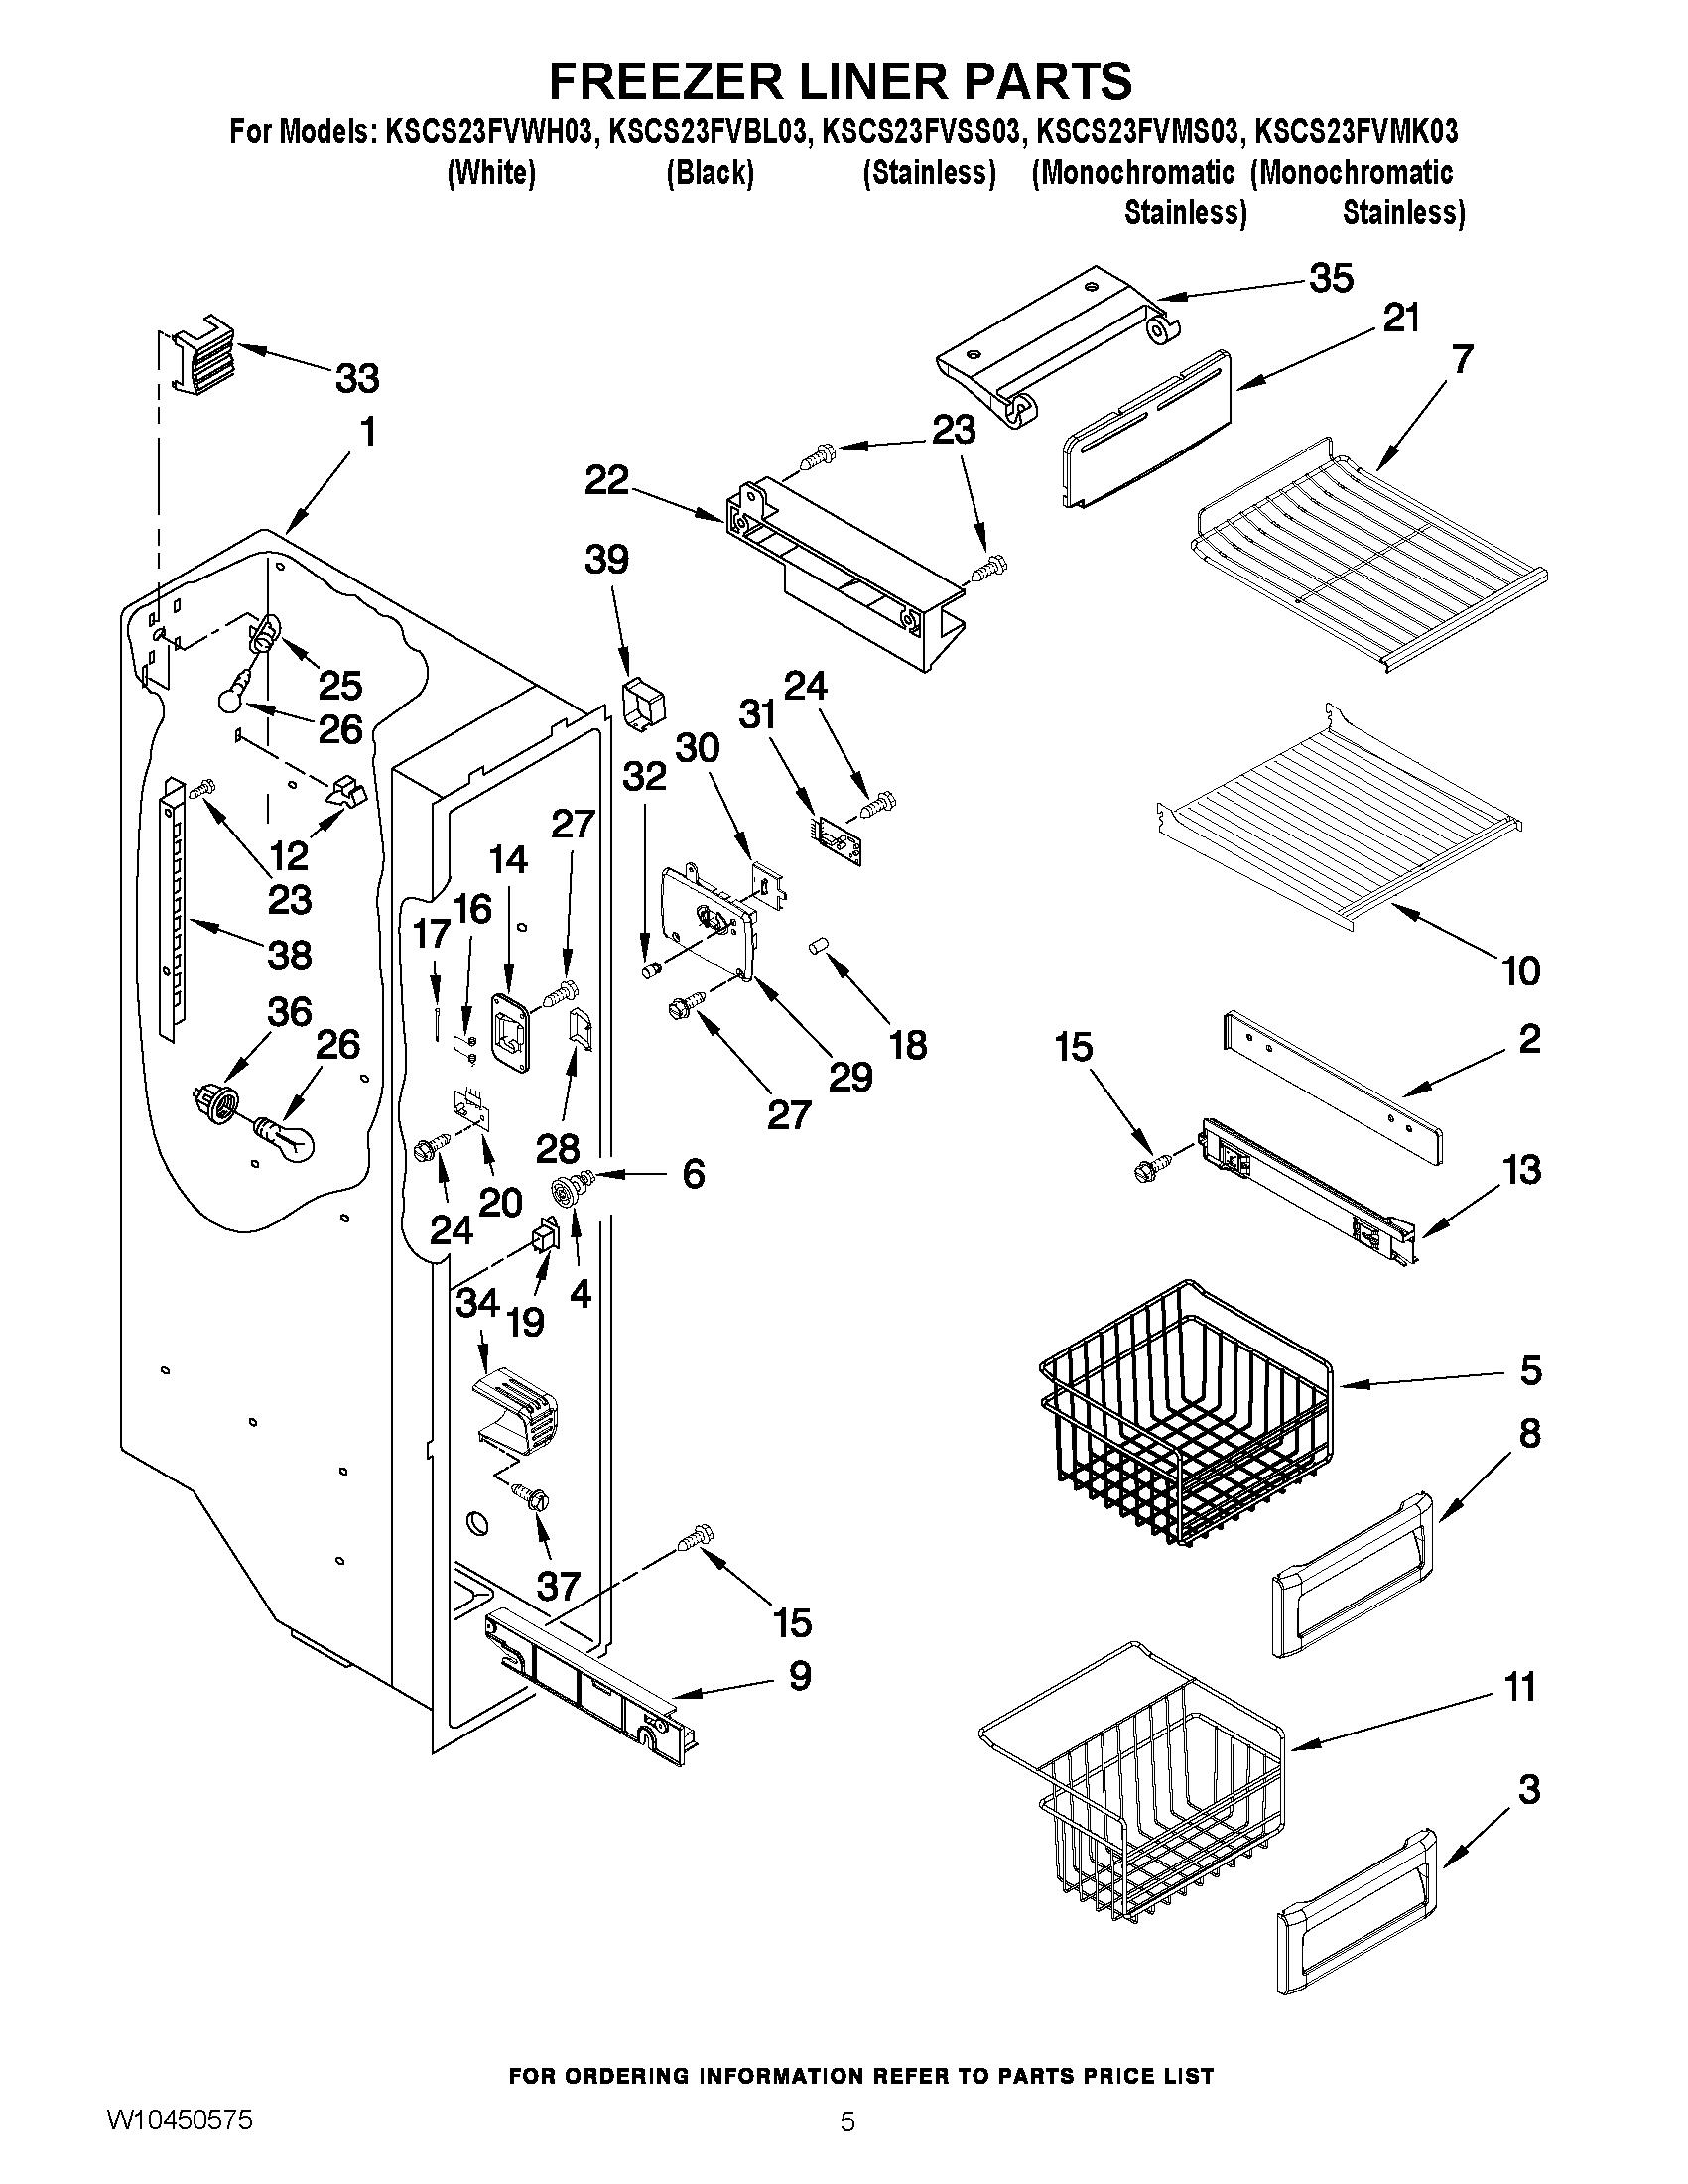 KSCS23FVMS03